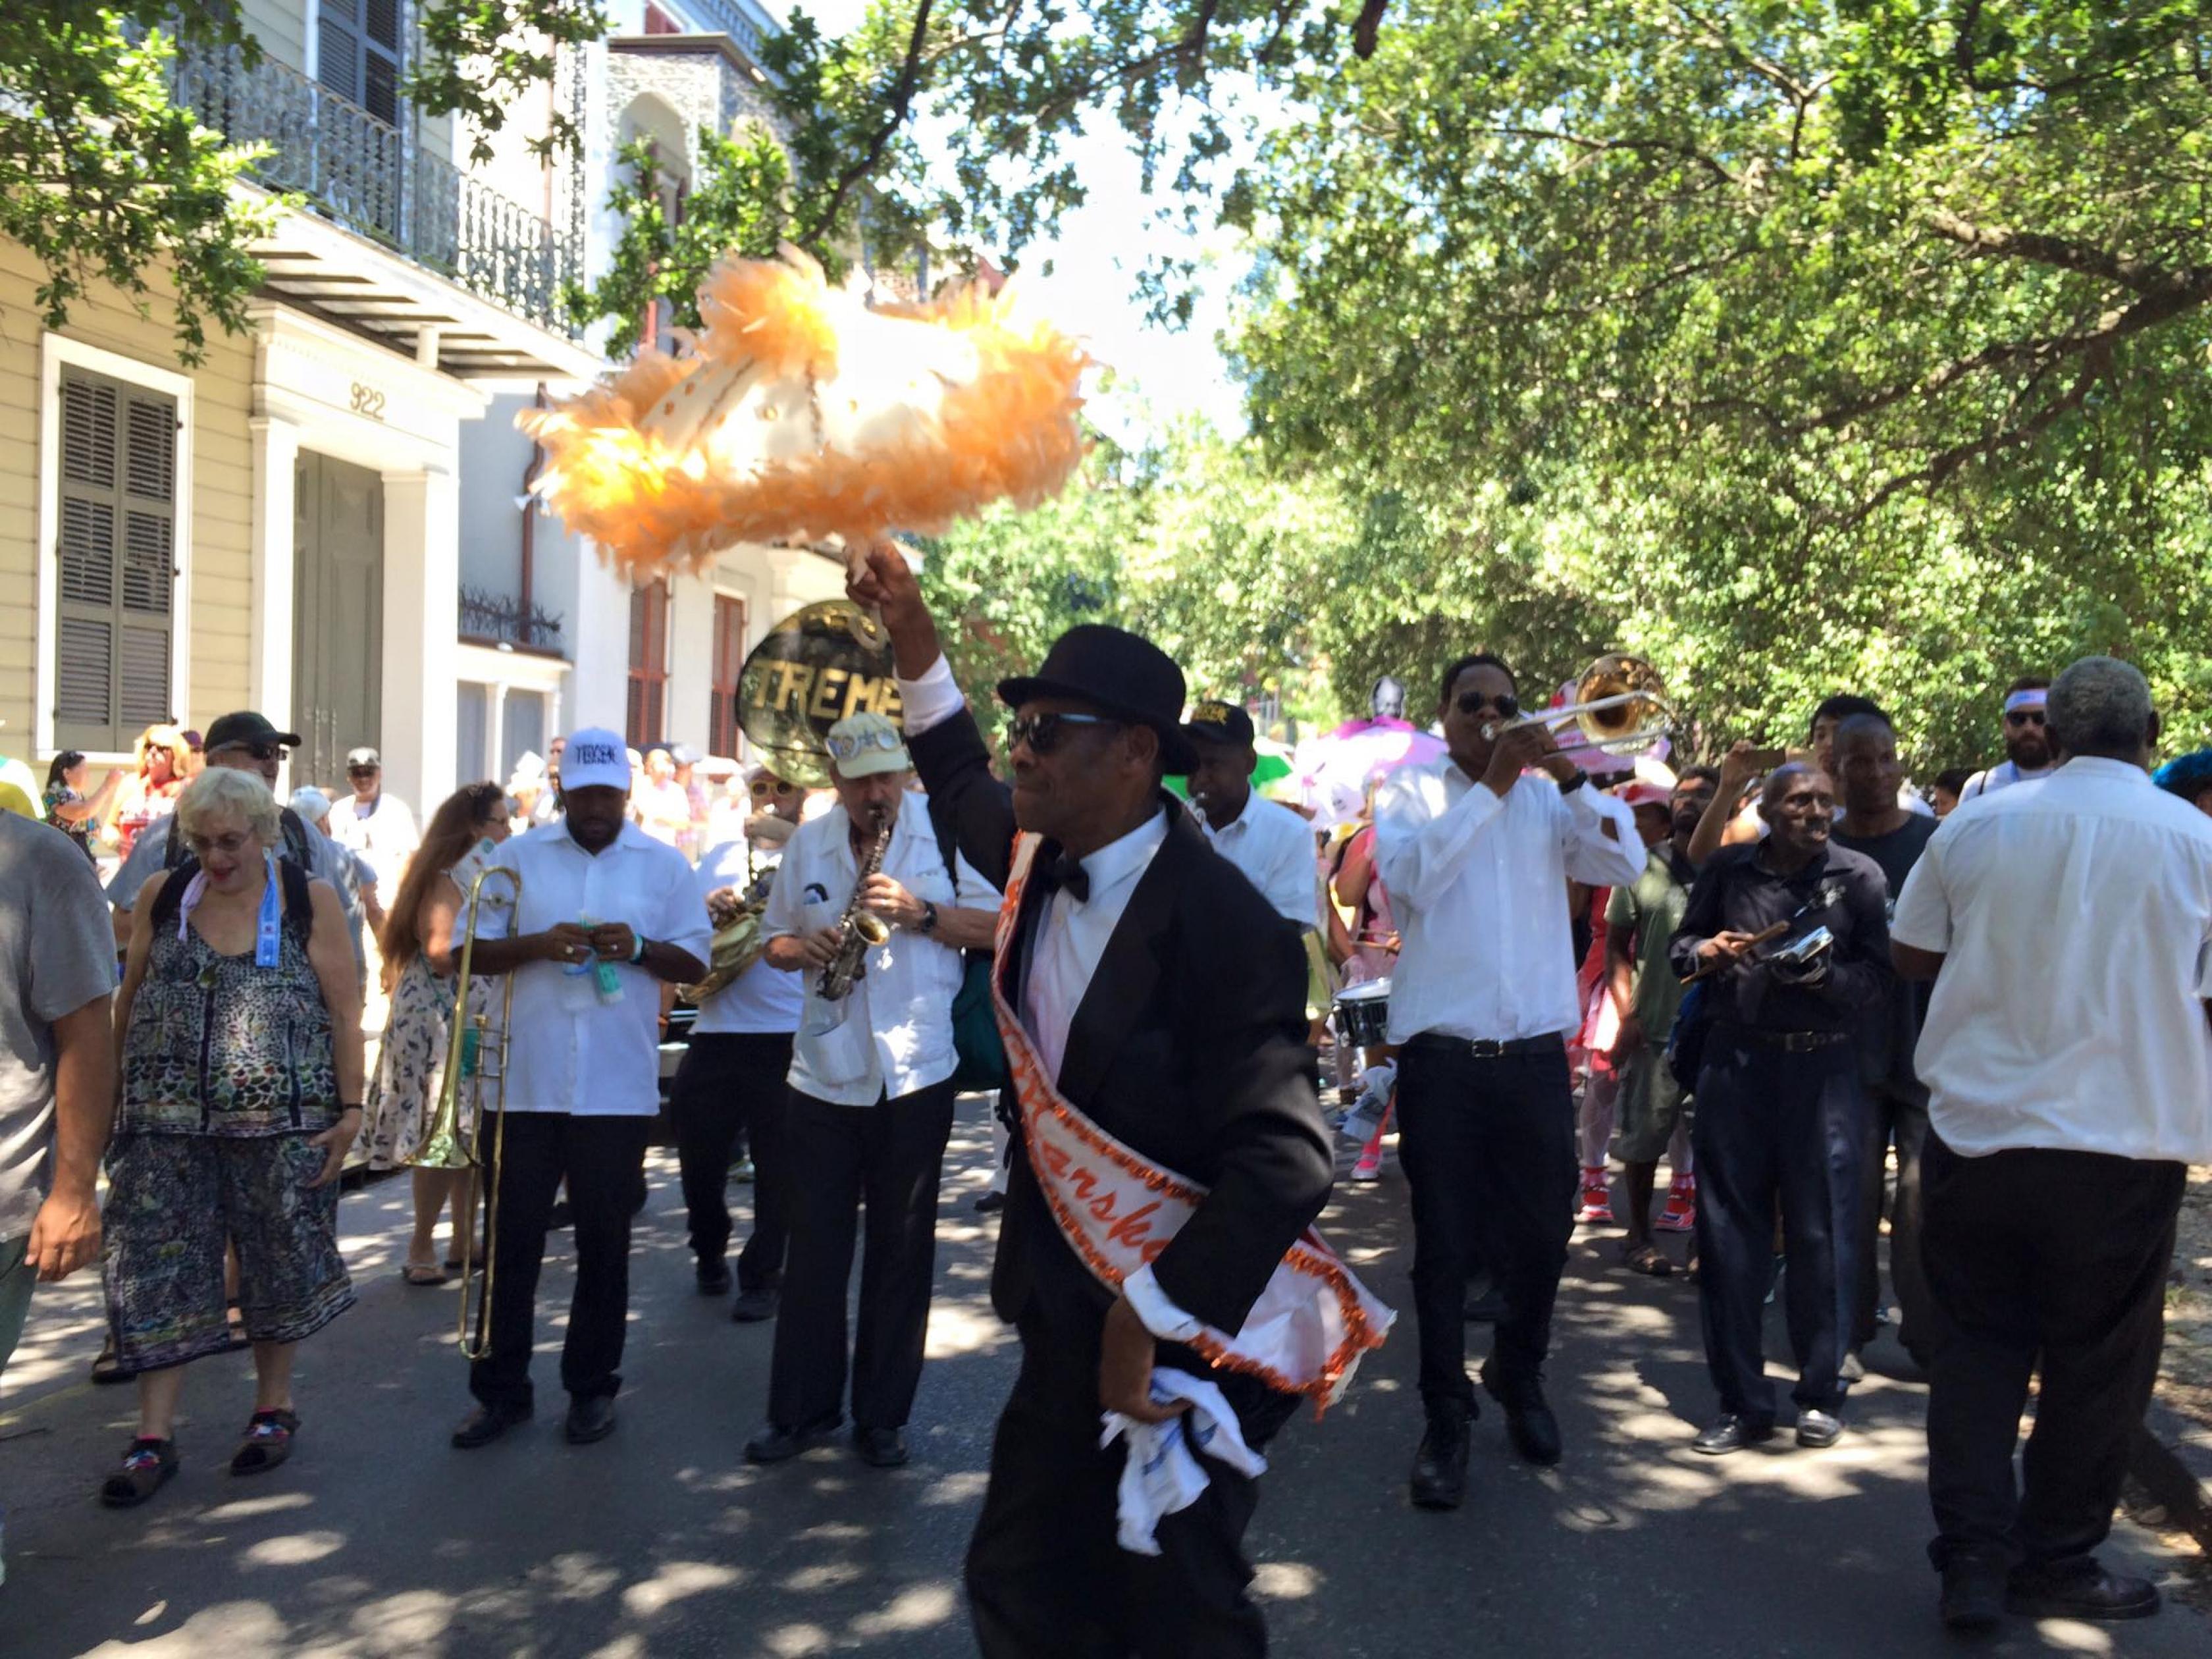 Un grupo de personas bailando jazz a la sombra en las calles del Parque Histórico Nacional de Jazz de Nueva Orleans